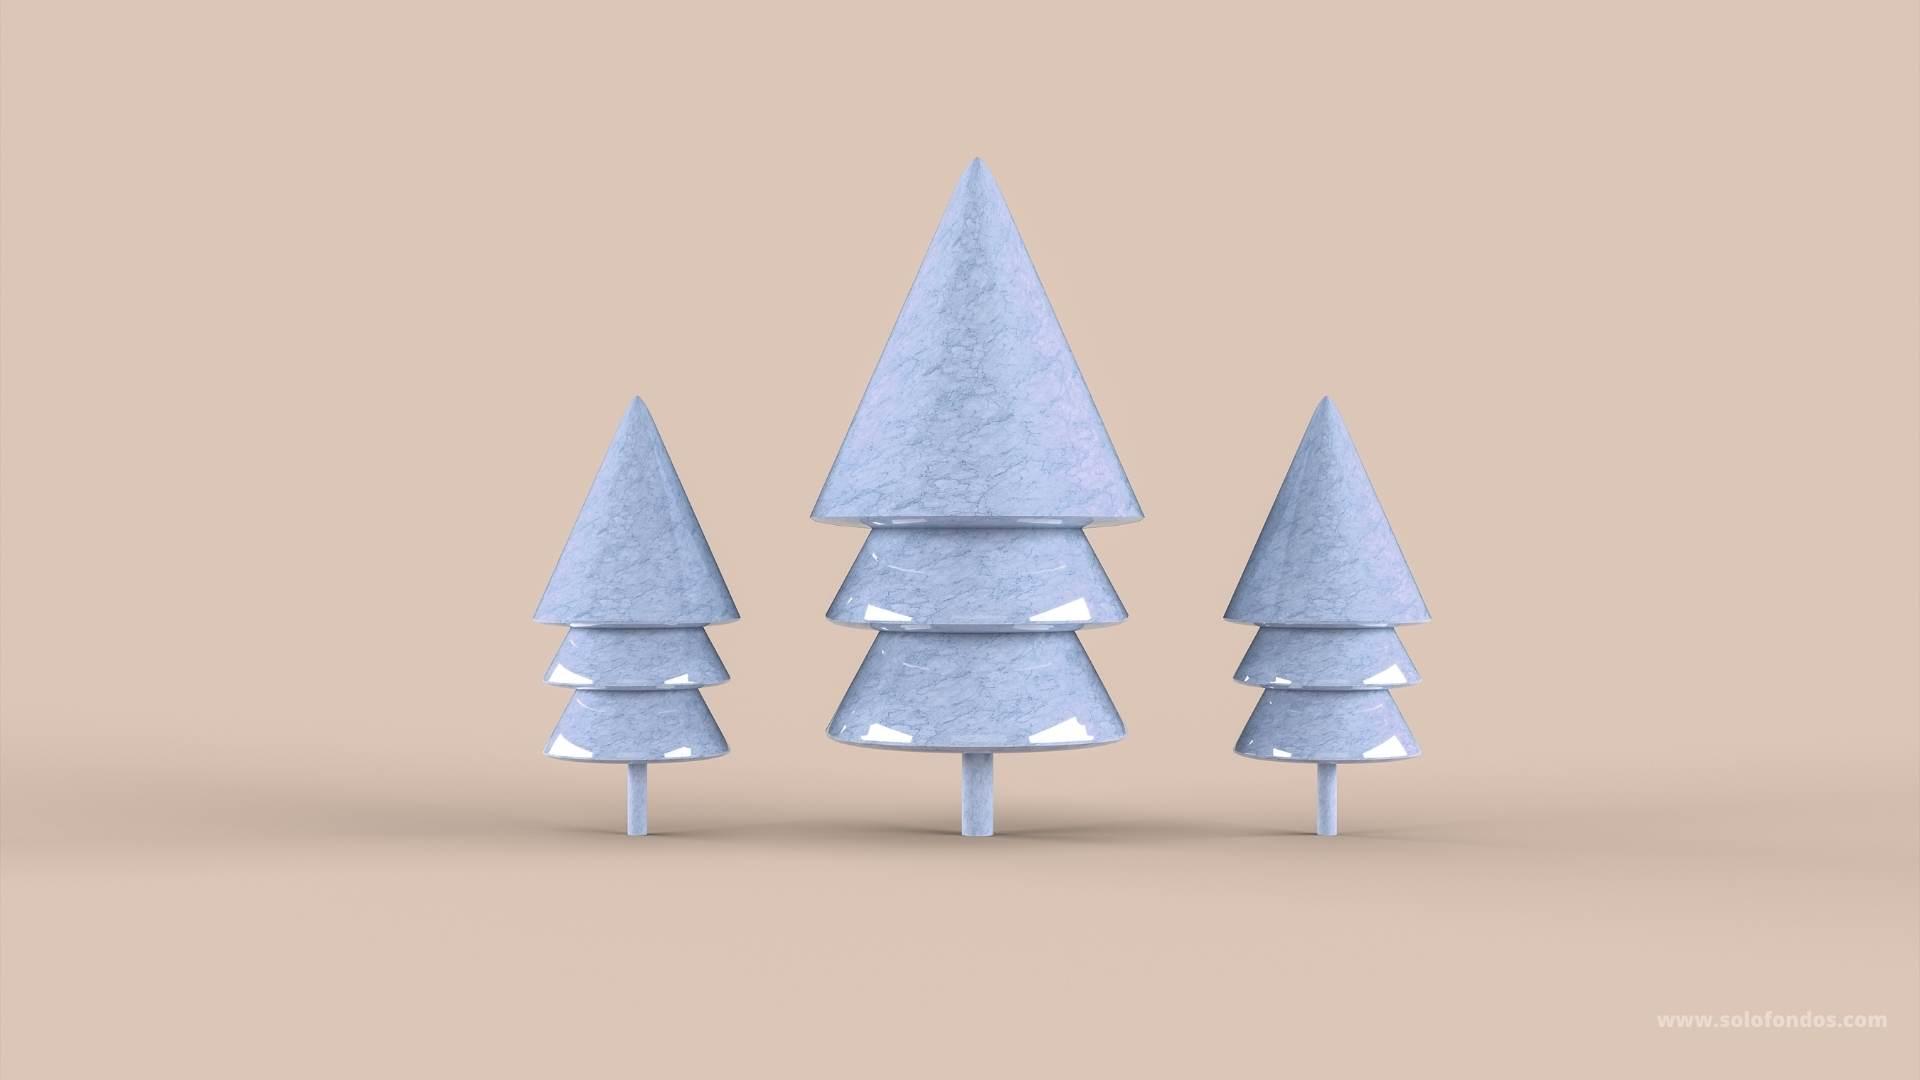 fondos navidad pinterest